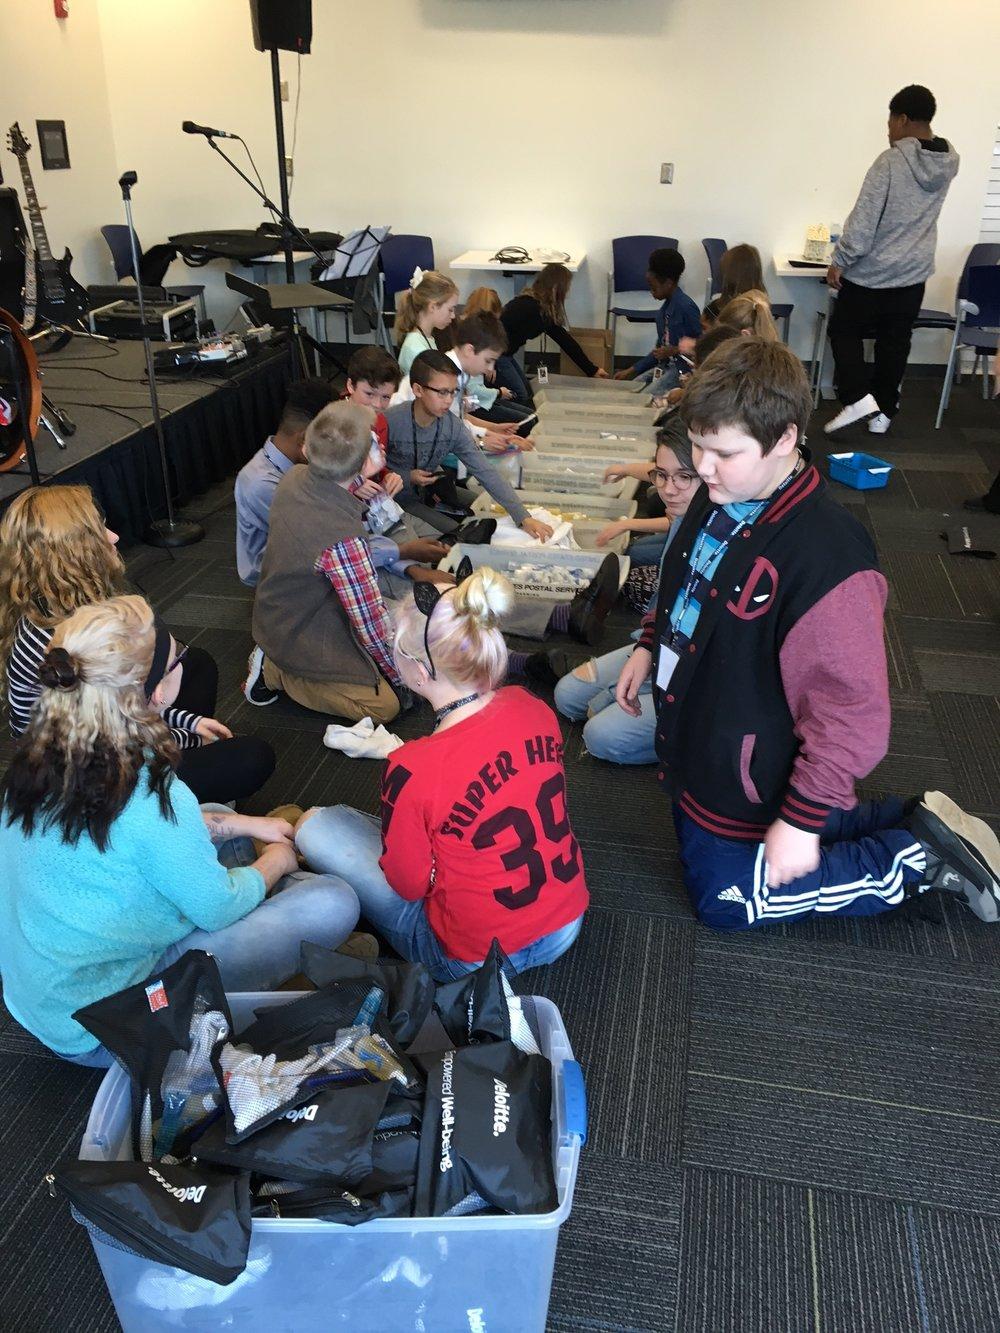 Deloitte_Kids Packing Donations for Glencliff.JPG